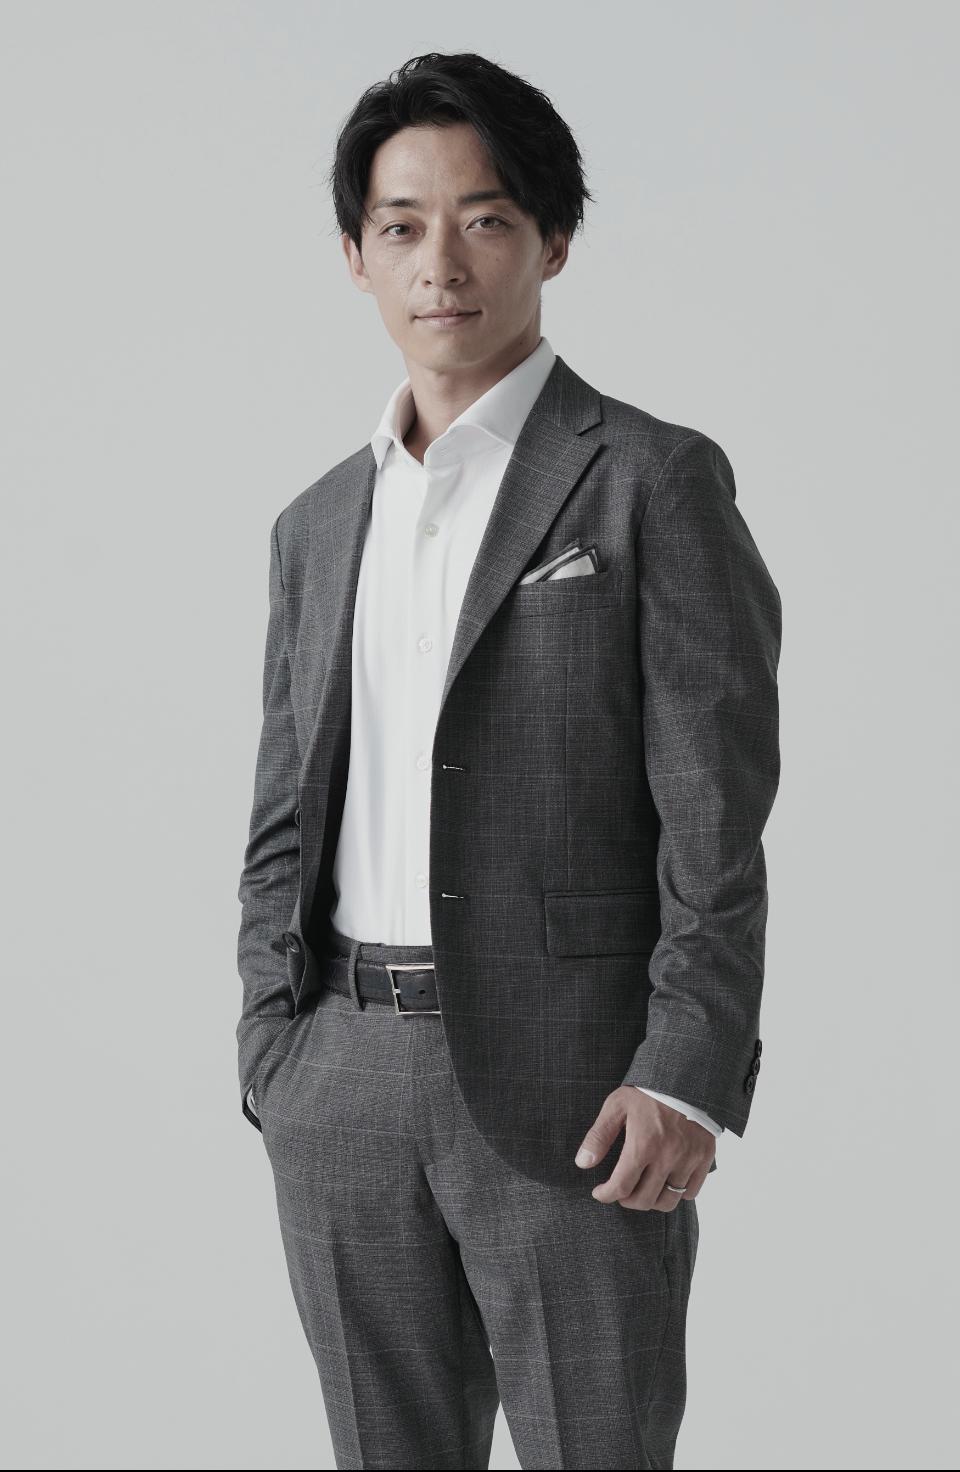 プロフィール | 川田将雅オフィシャルサイト